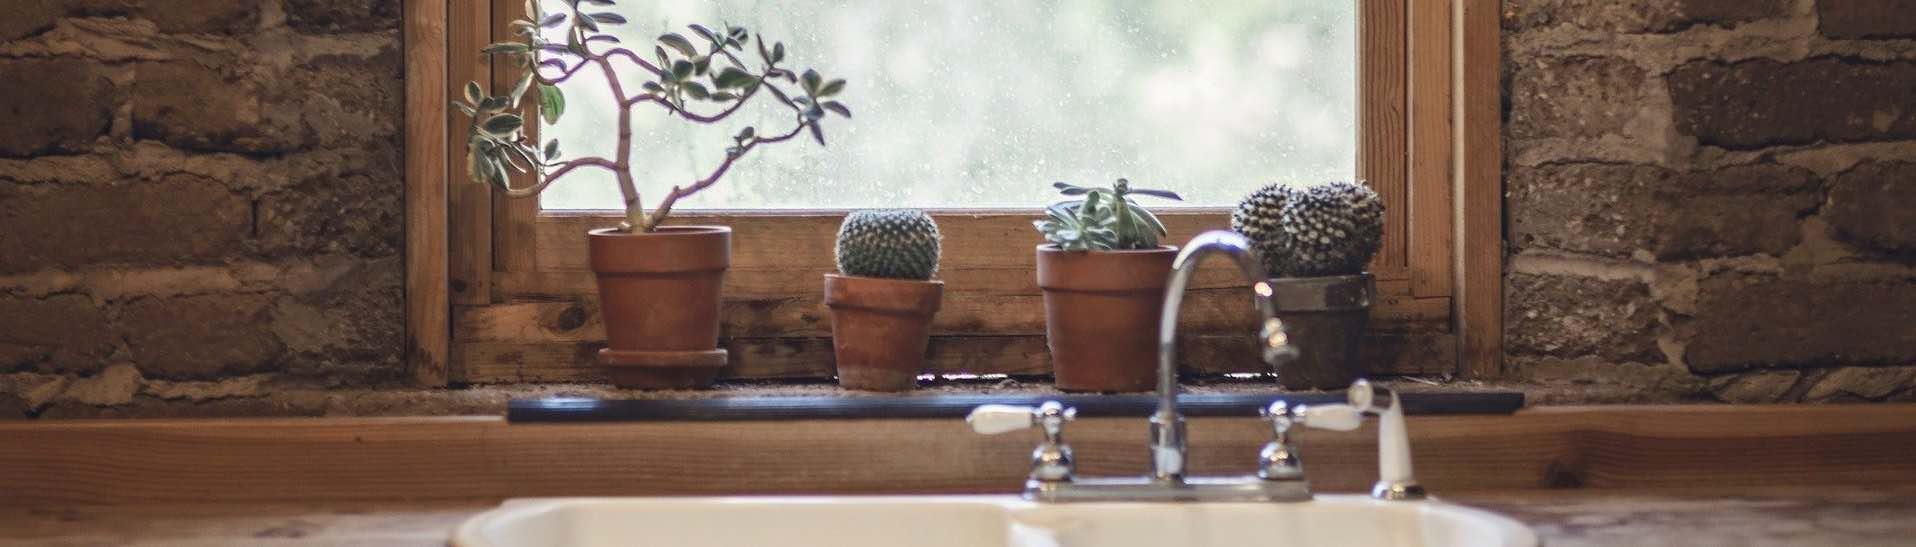 cuisine avec des plantes et un robinet d eau